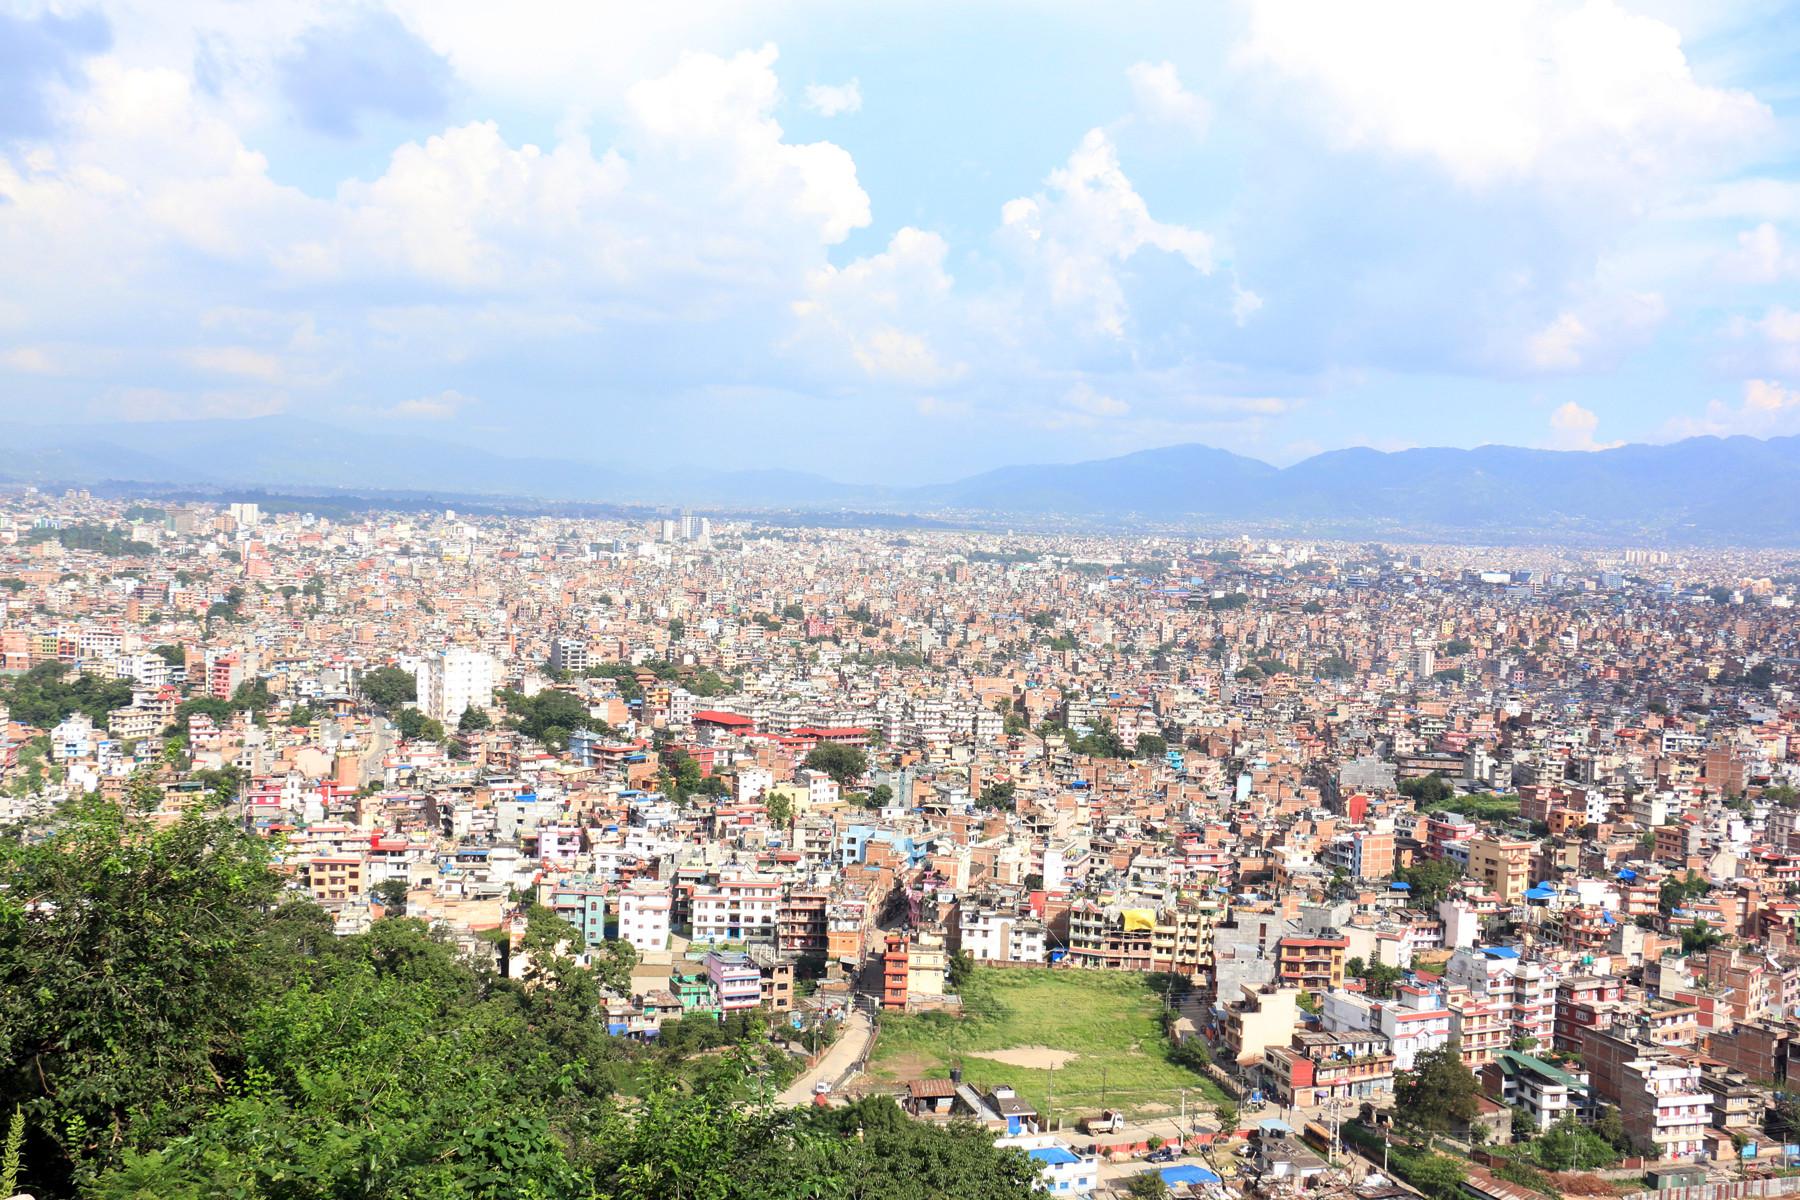 काेराेनाकाे उच्च जोखिममा रहेको काठमाडौंकै आइसोलेसन र क्वारेन्टाइन खाली